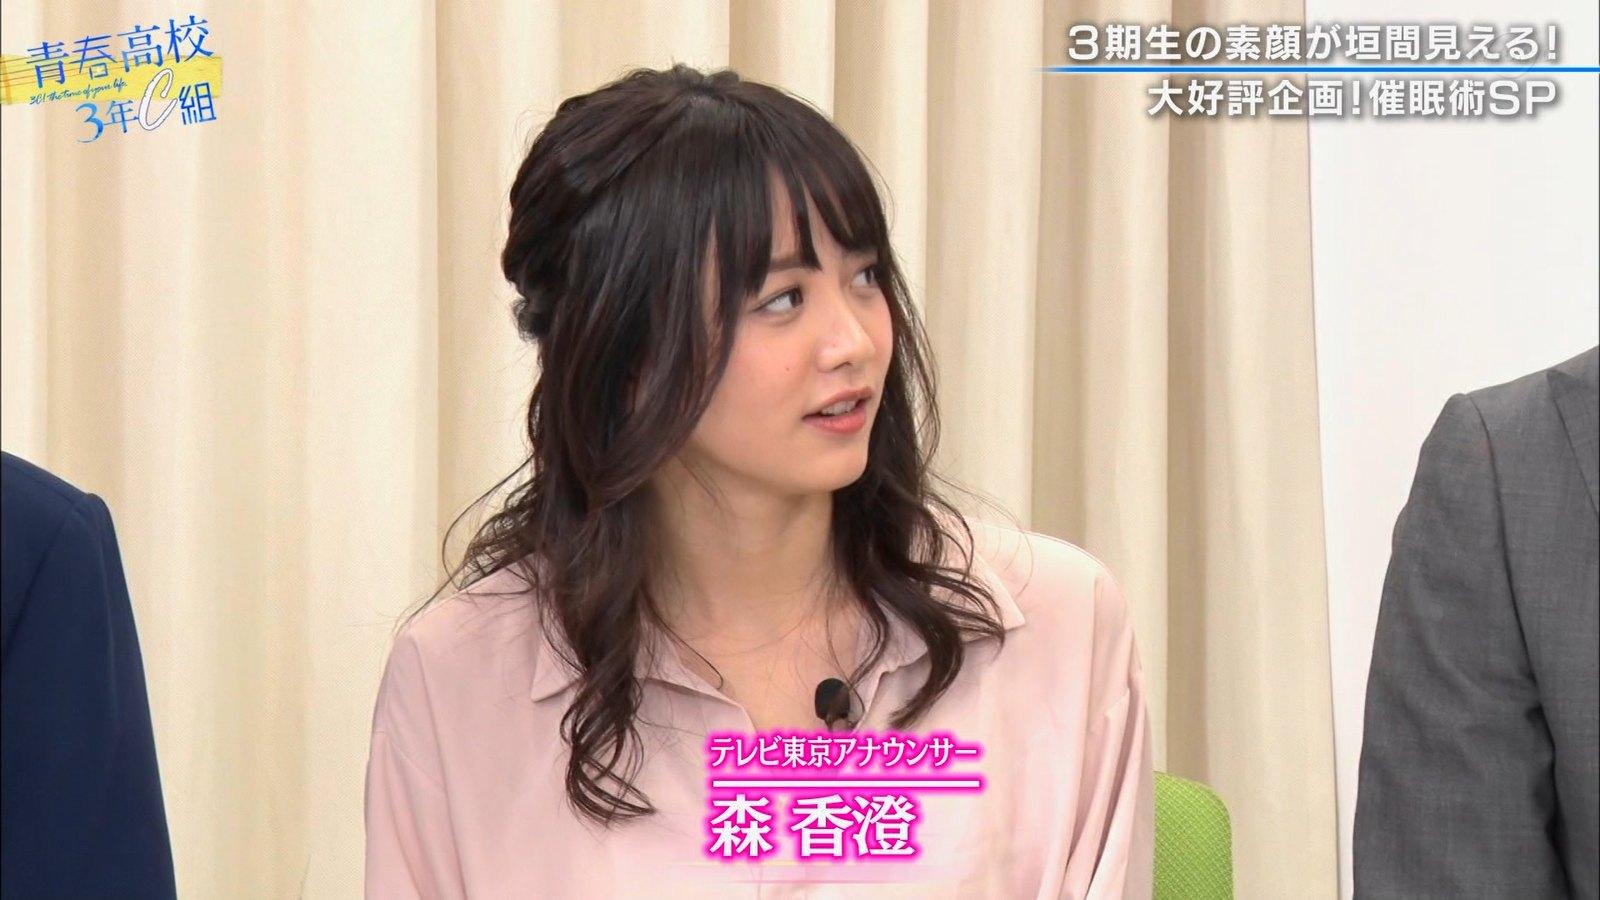 森香澄_女子アナ_乳揺れ_おっぱい_キャプエロ画像_19